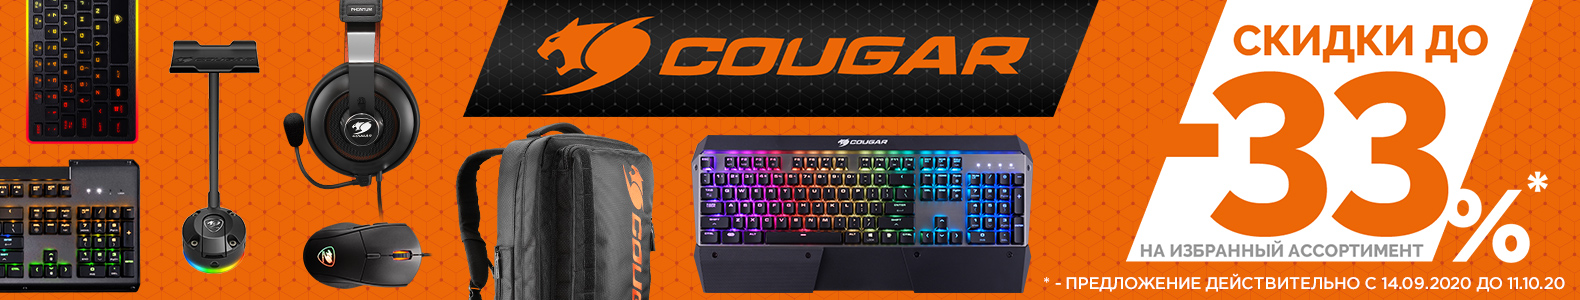 Скидки на игровую периферию Cougar до 33%!